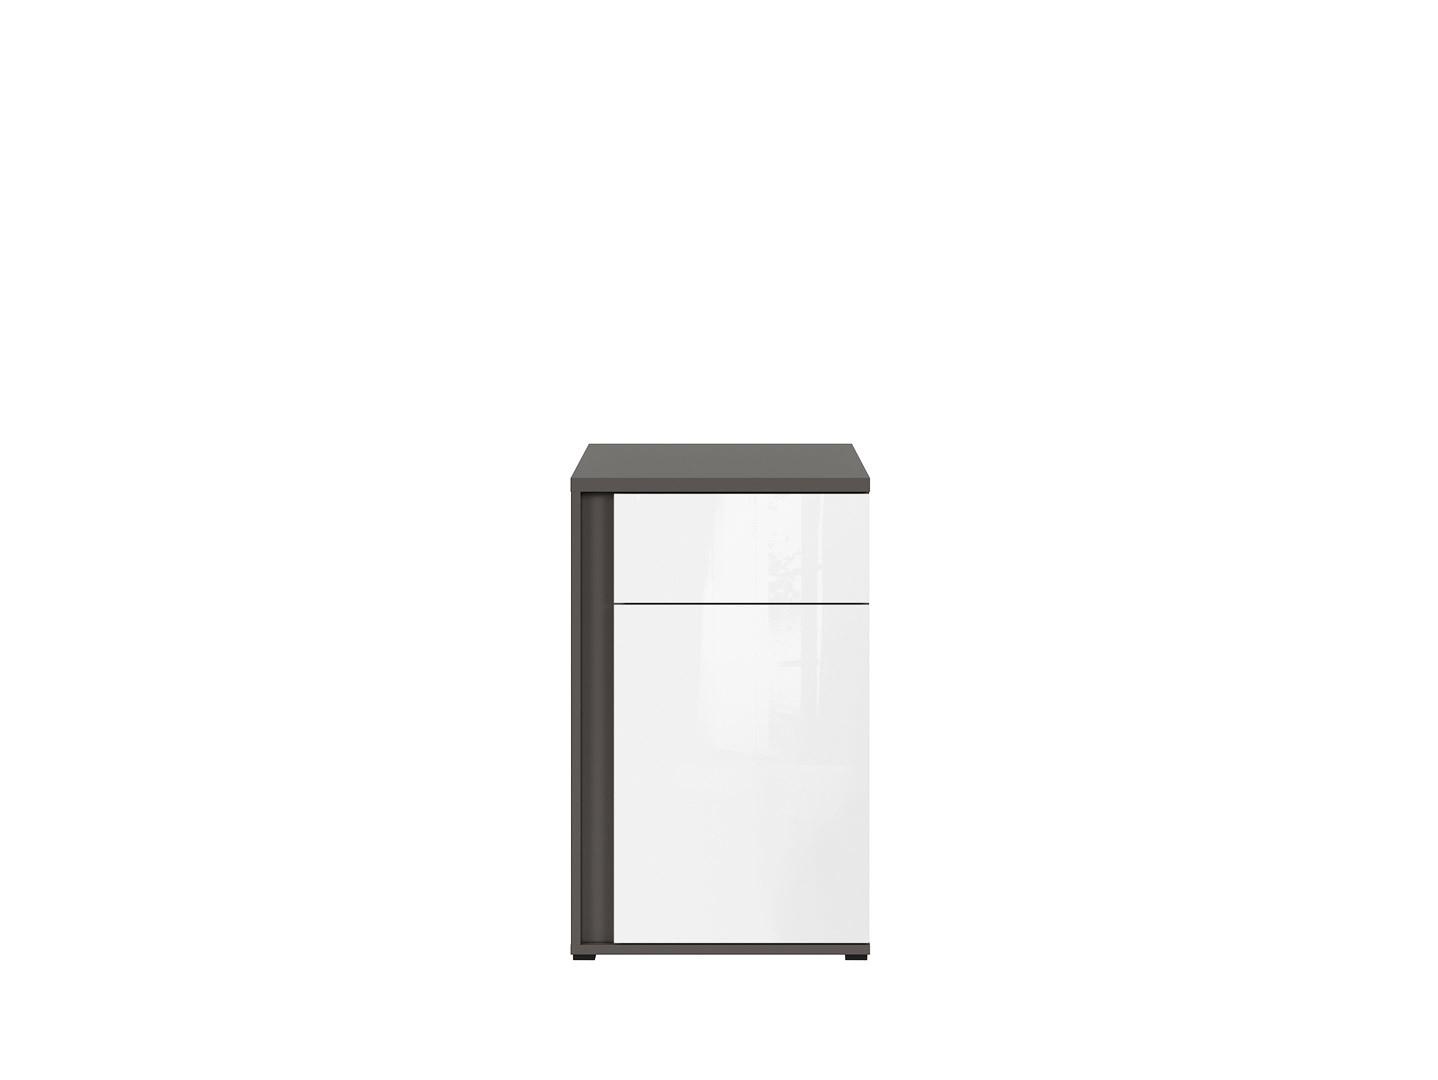 Skrinka GRAPHIC KOM1D1SP/C sivý wolfram/biely zrkadlový lesk